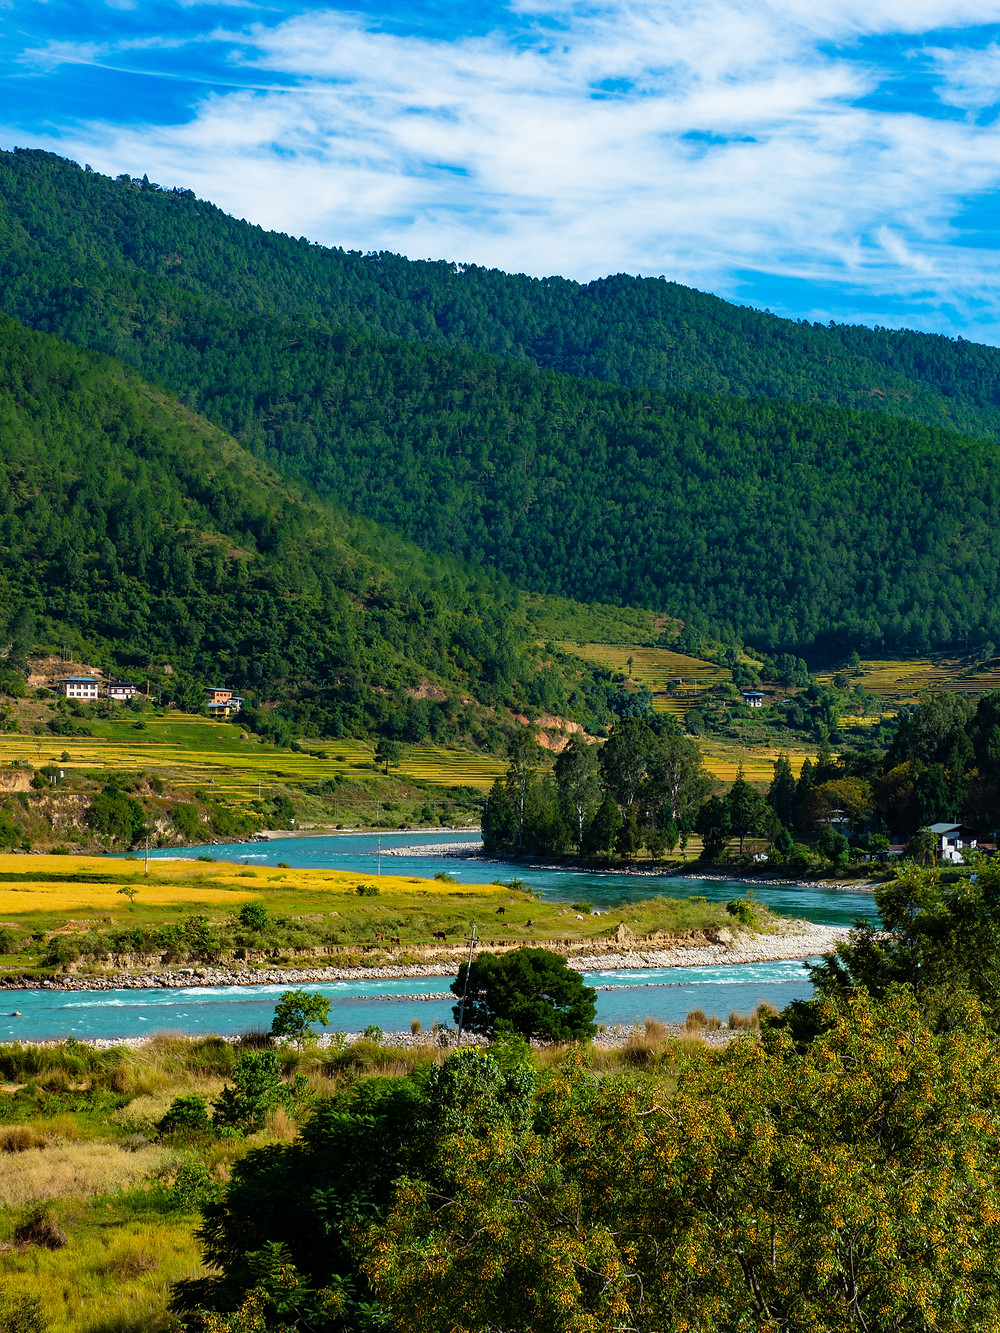 Joet, vuoret ja sininen taivas ovat tyypillinen näky Bhutanissa.